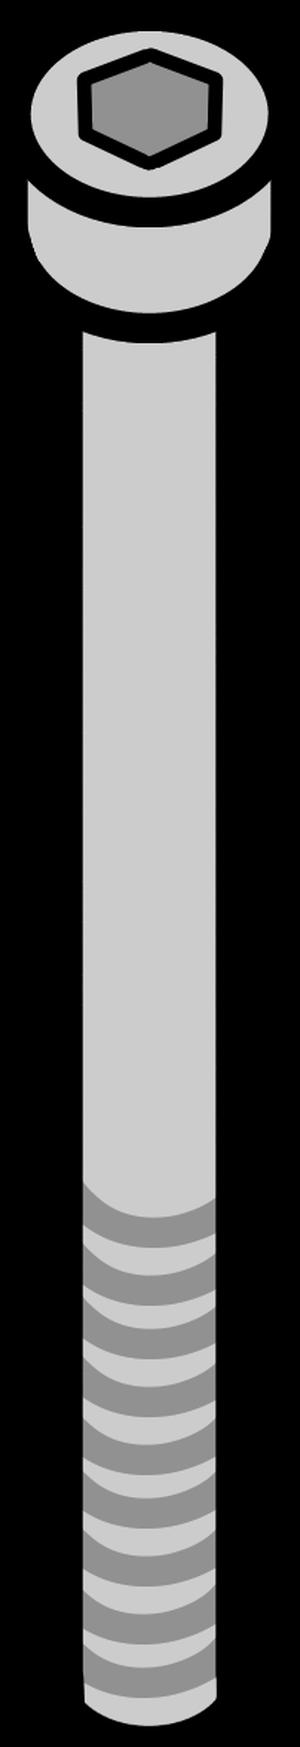 イラストフリー素材 引き上げボルト